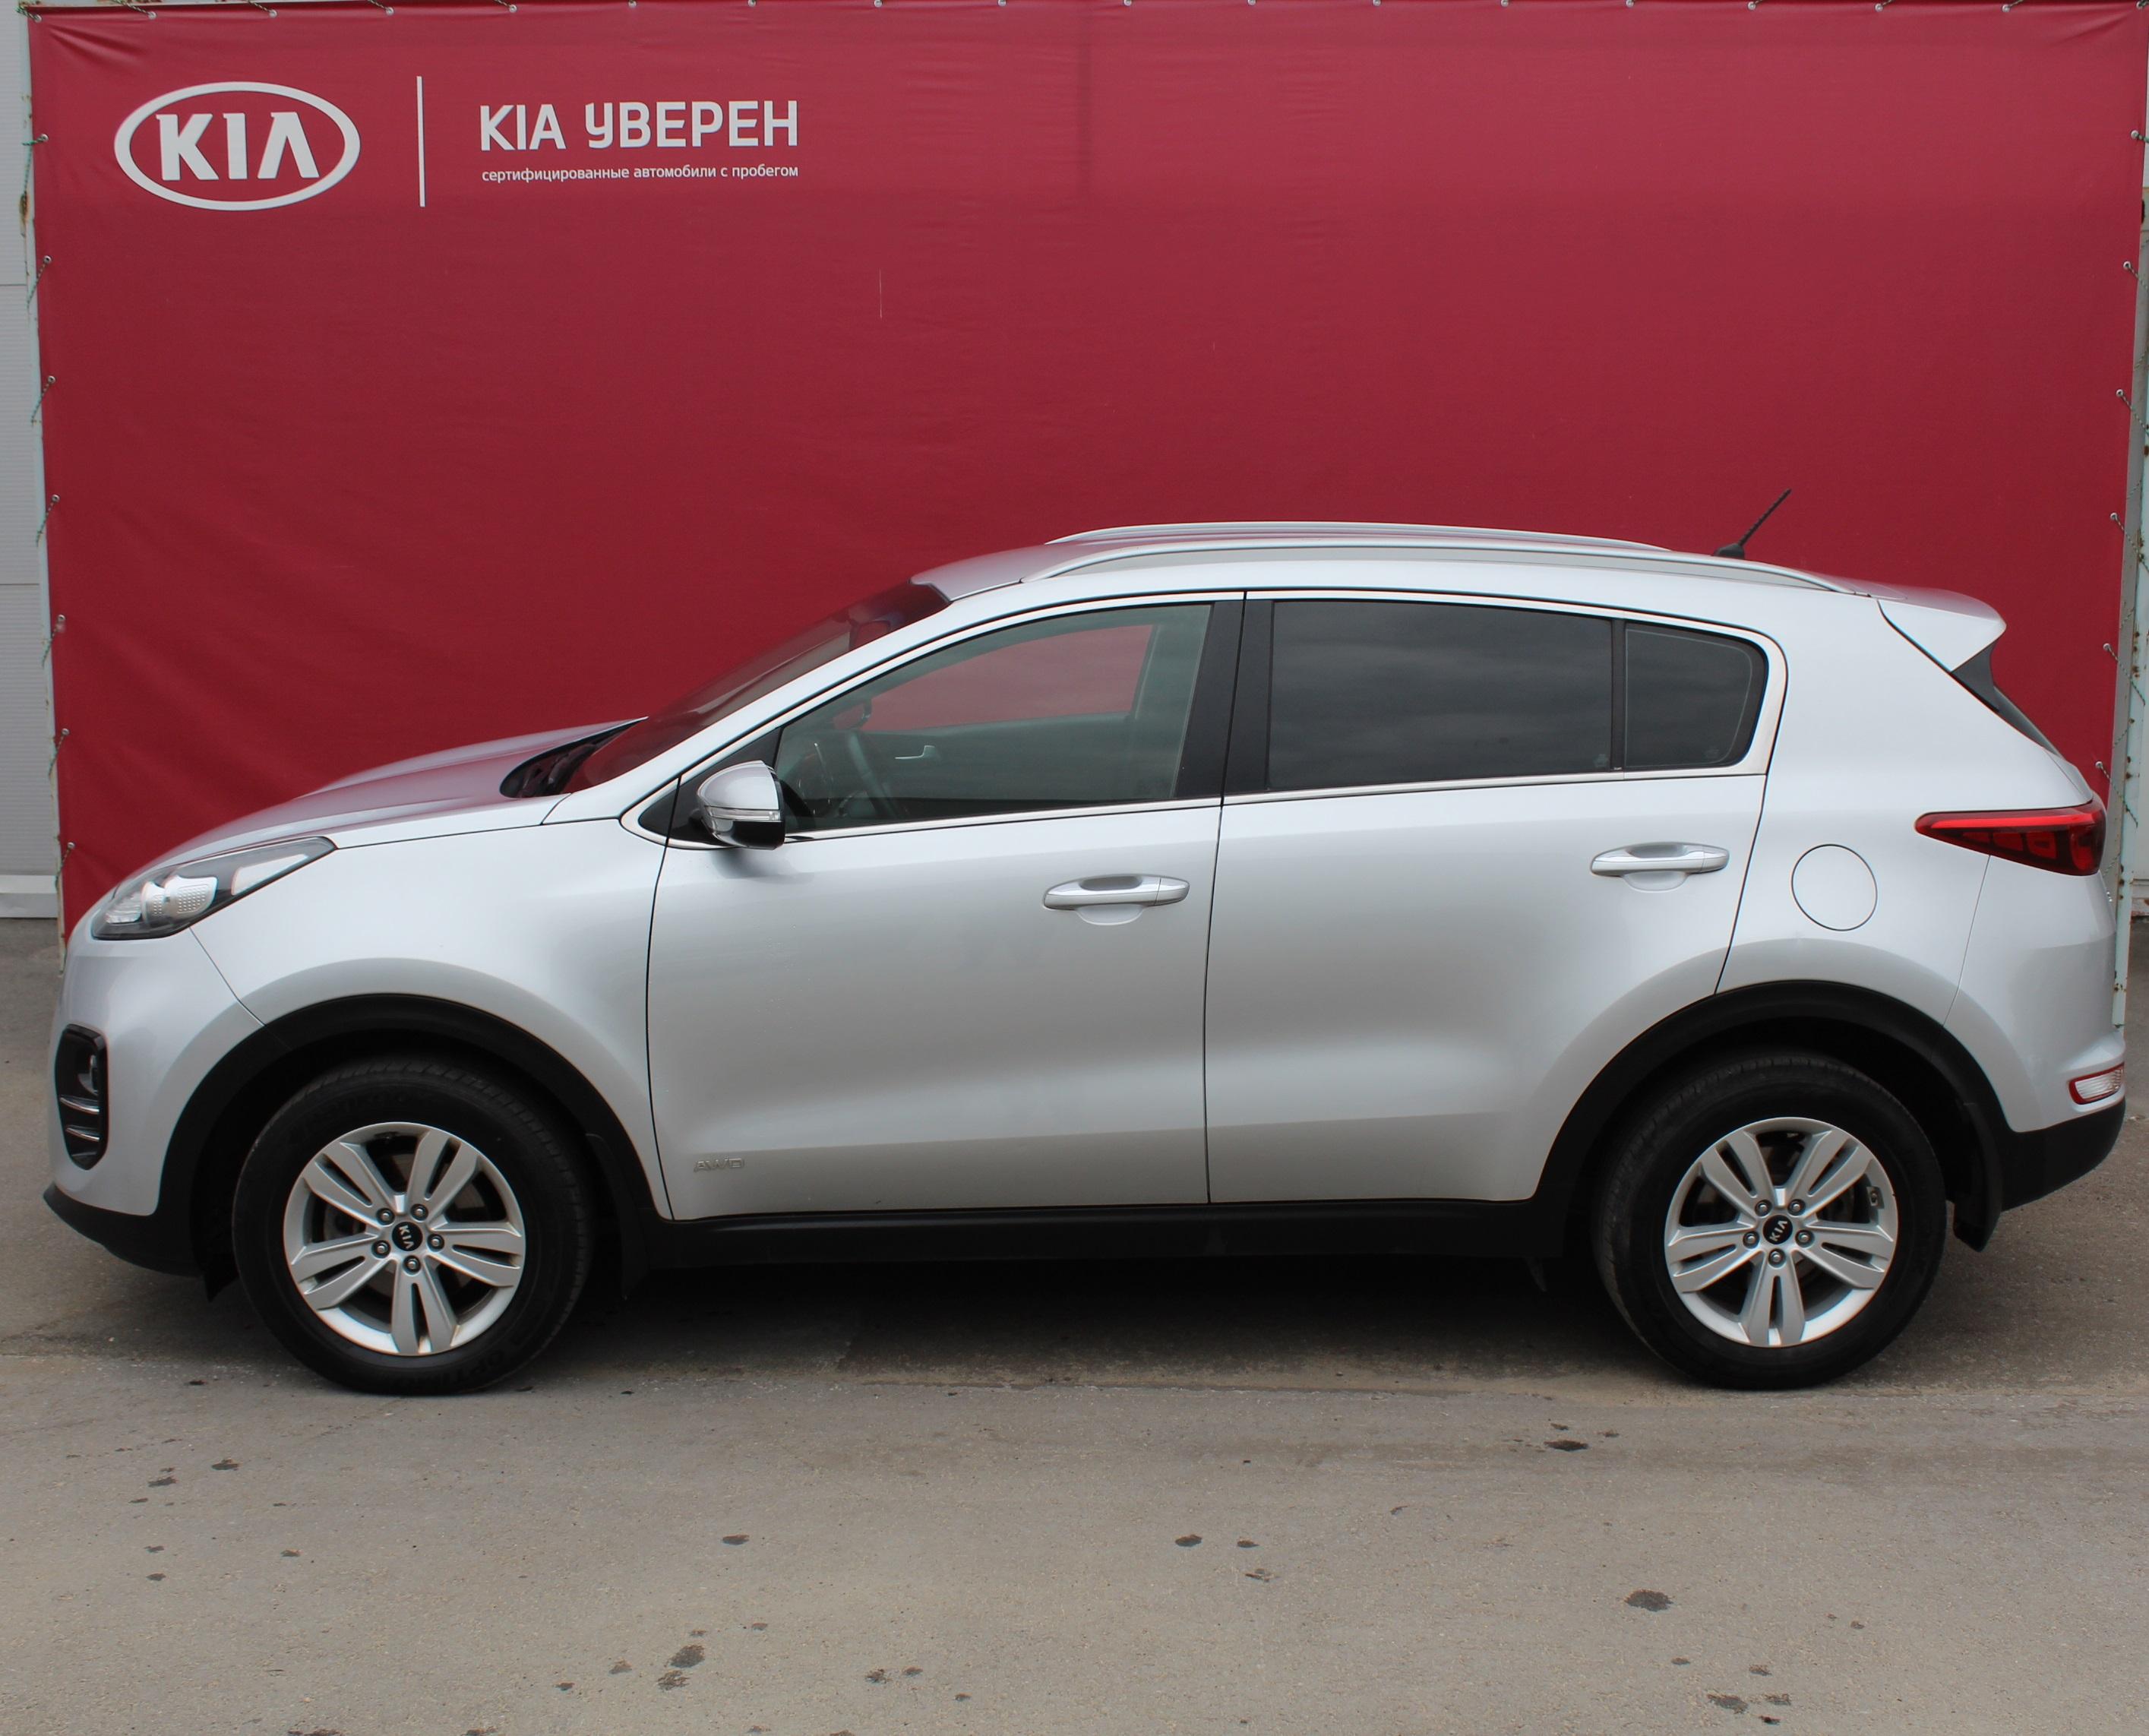 Kia Sportage Внедорожник (2016г.)